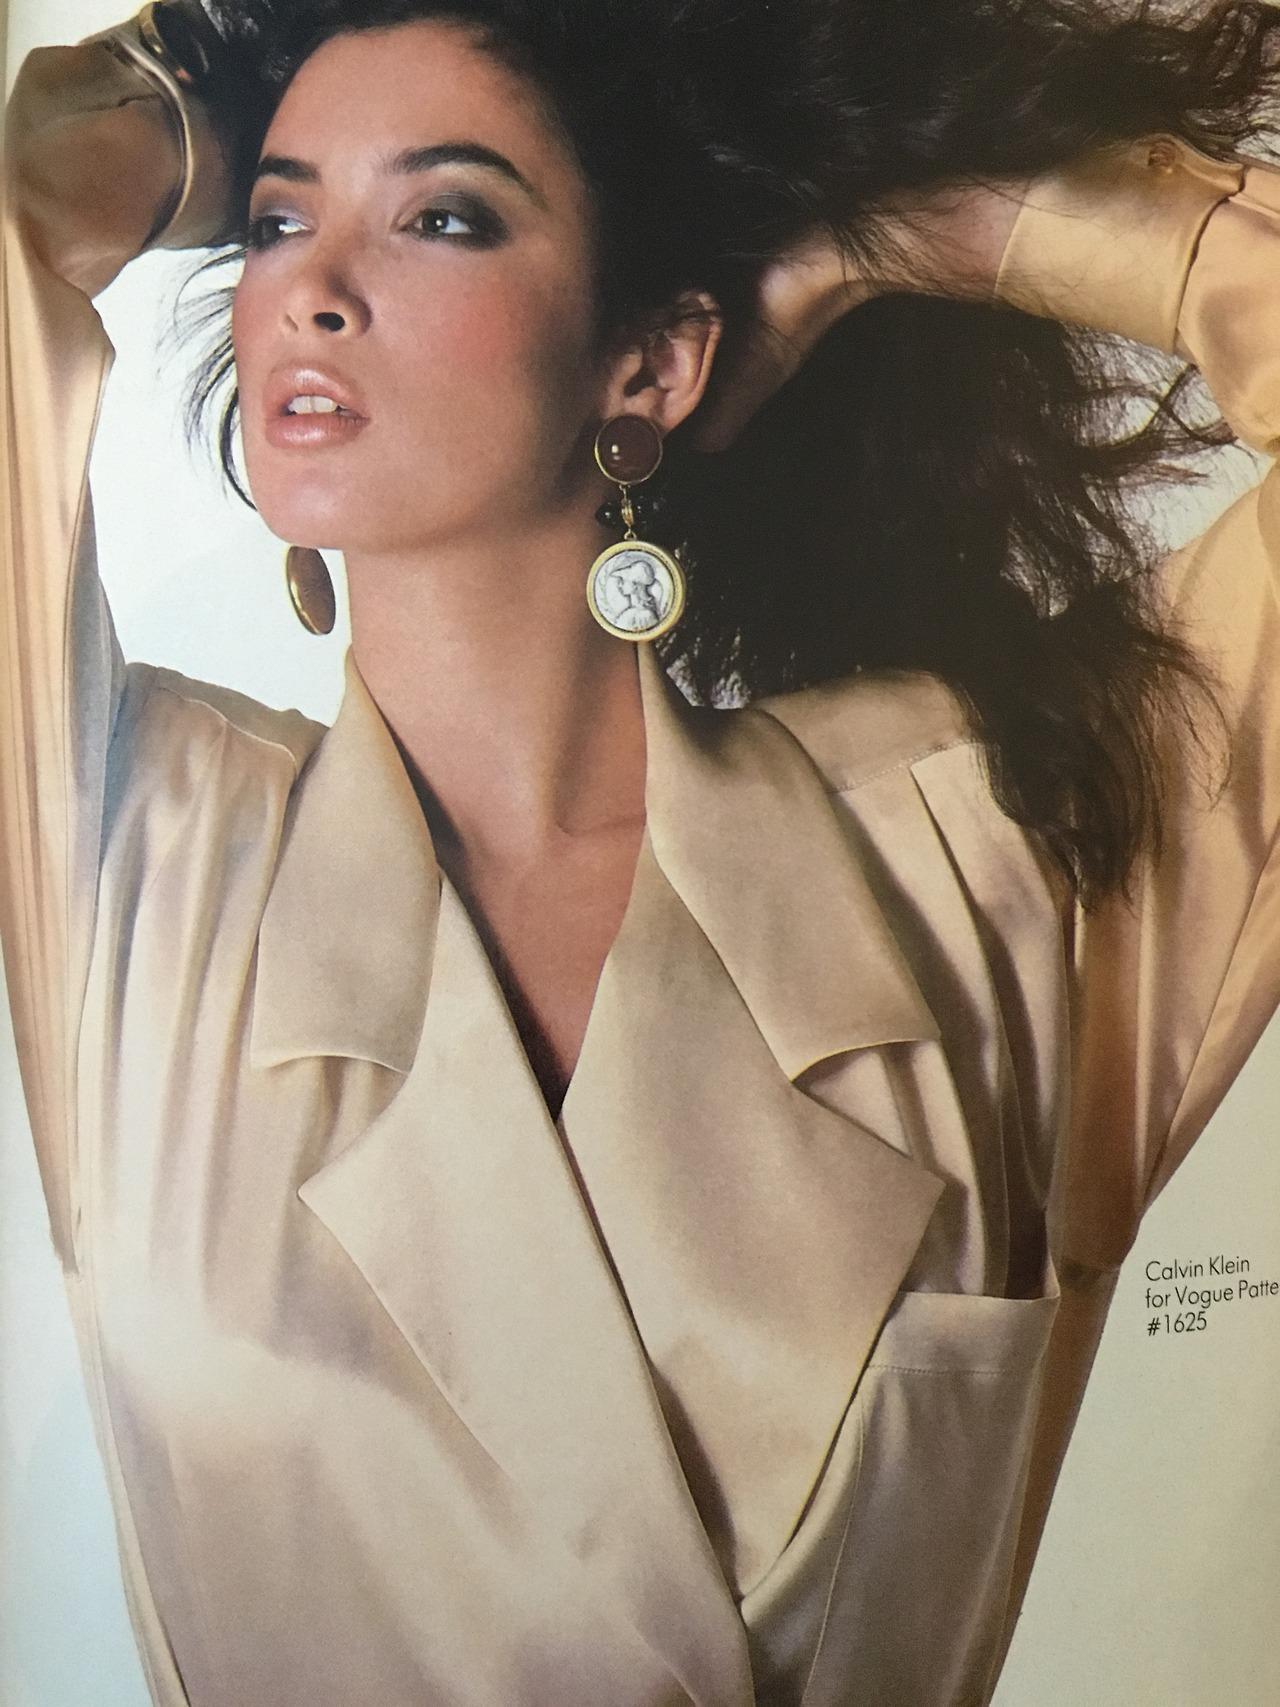 Vogue. July 1985.